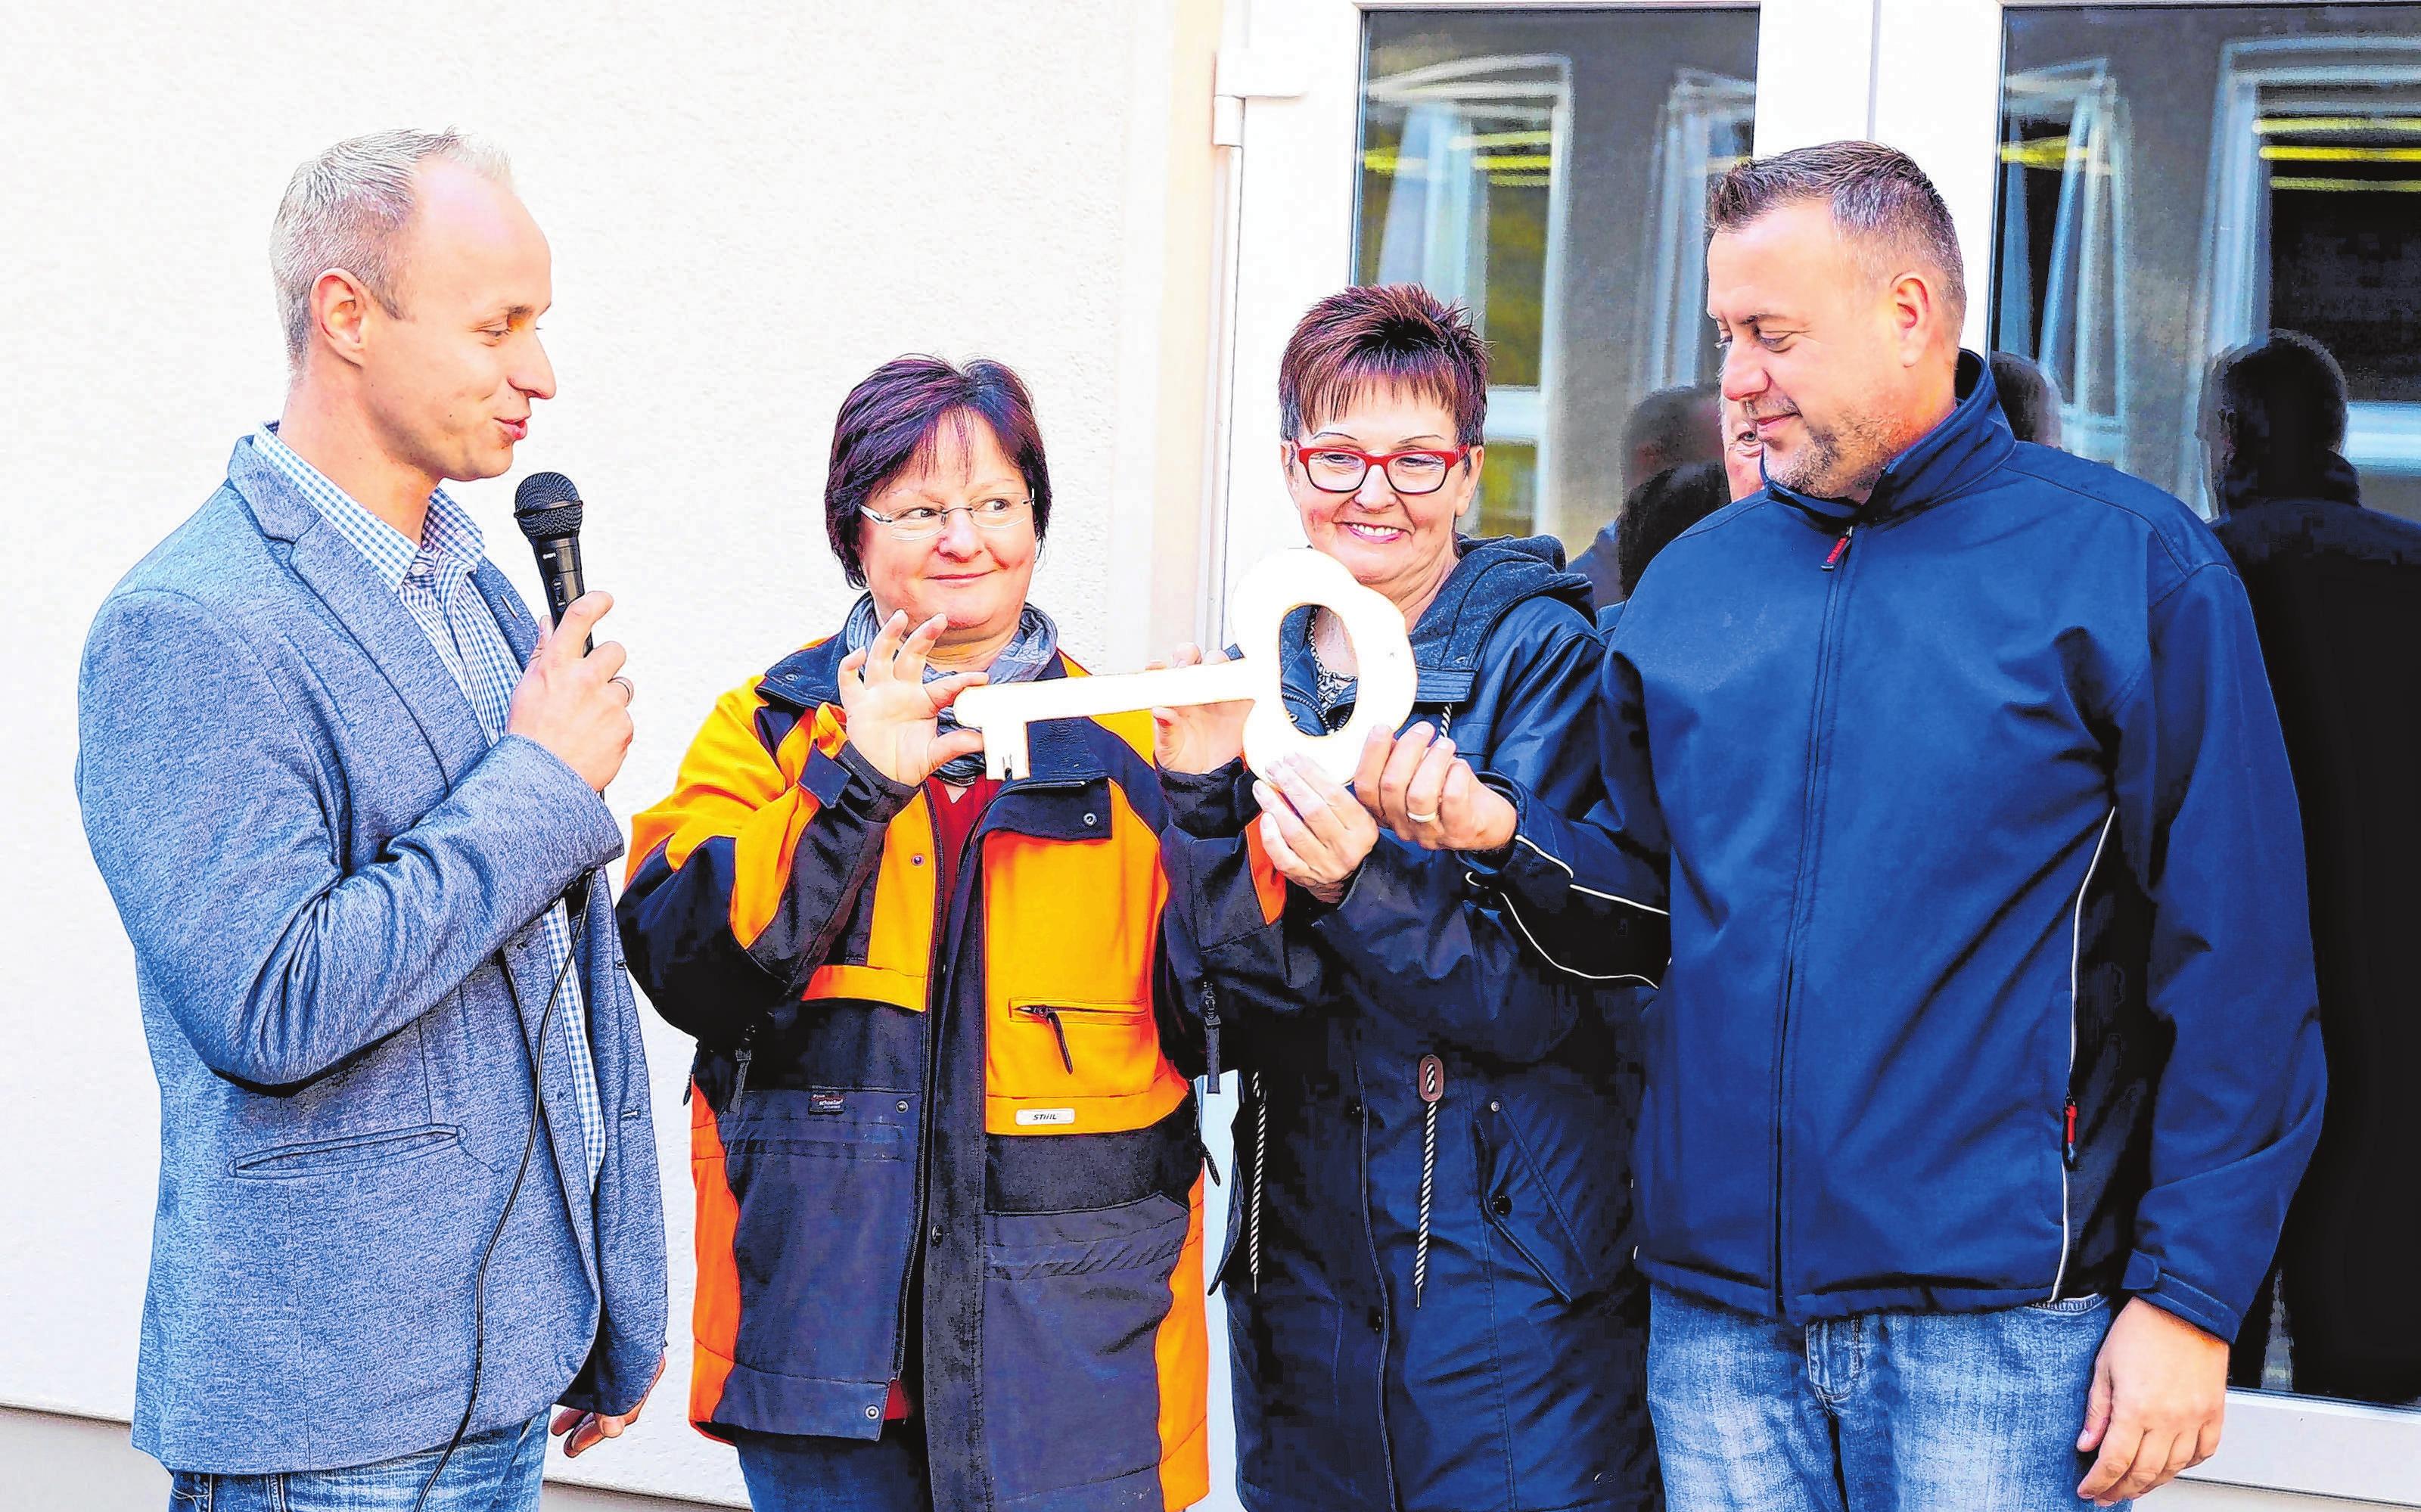 Bürgermeister Felix Menzel (l.) übergab den symbolischen Schlüssel und damit den Erweiterungsbau an Schule, Kita und Gemeinde. Fotos: Archiv/Weber